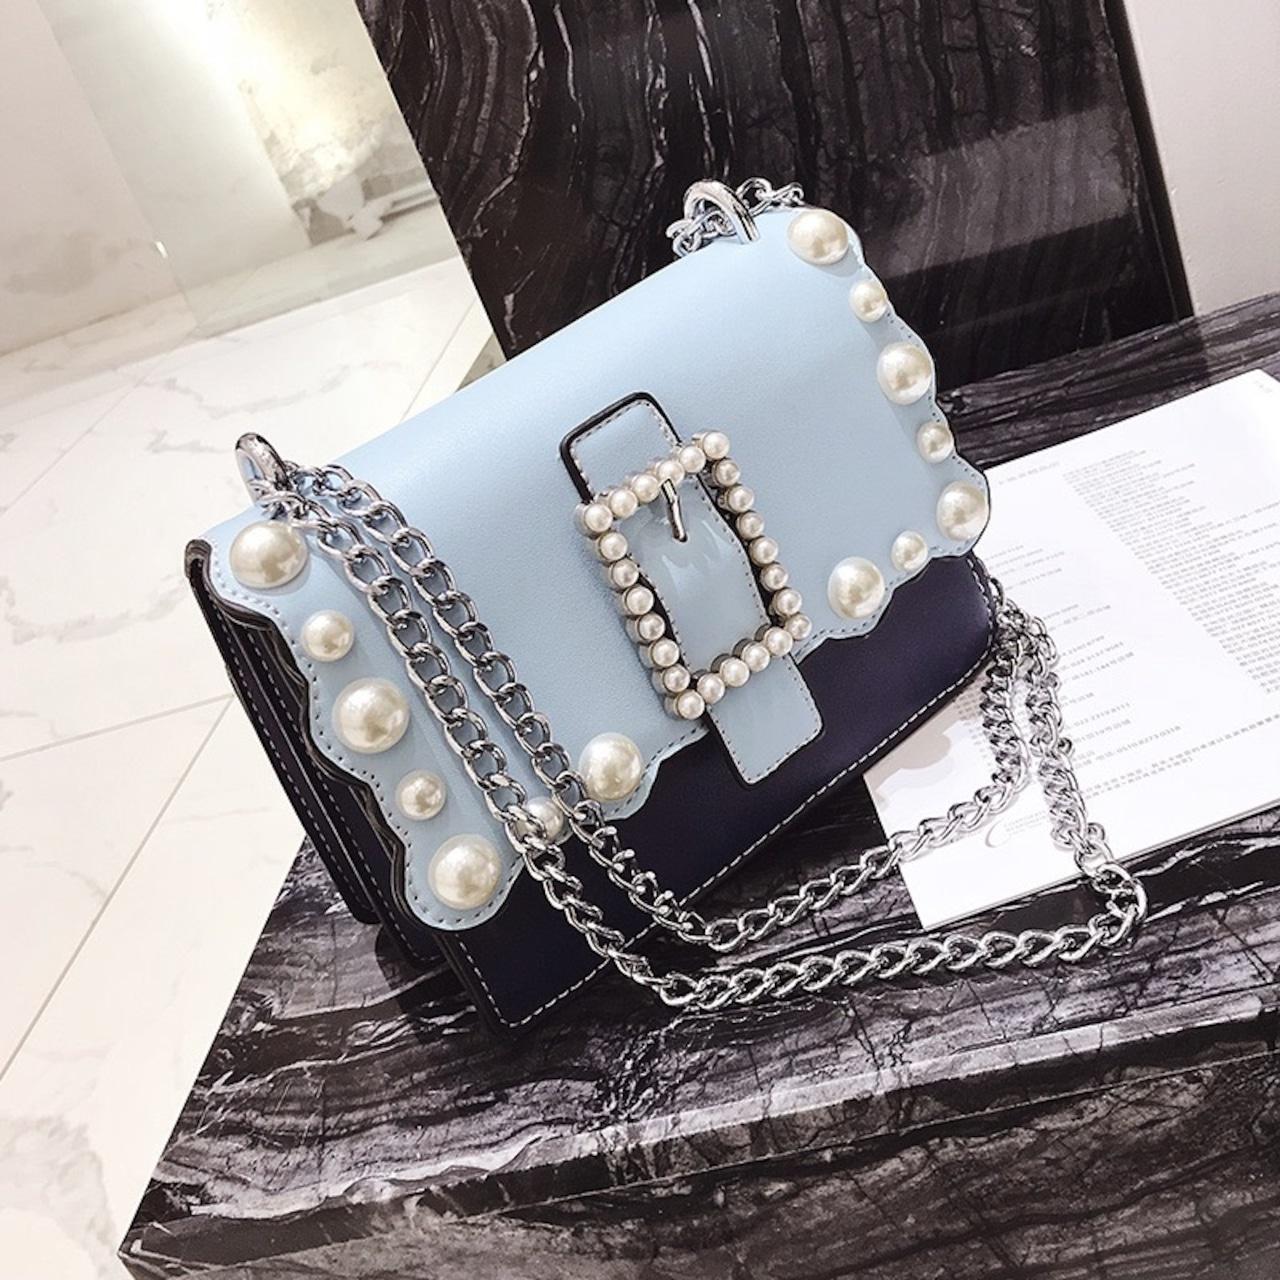 【即納】many pearl chain bag